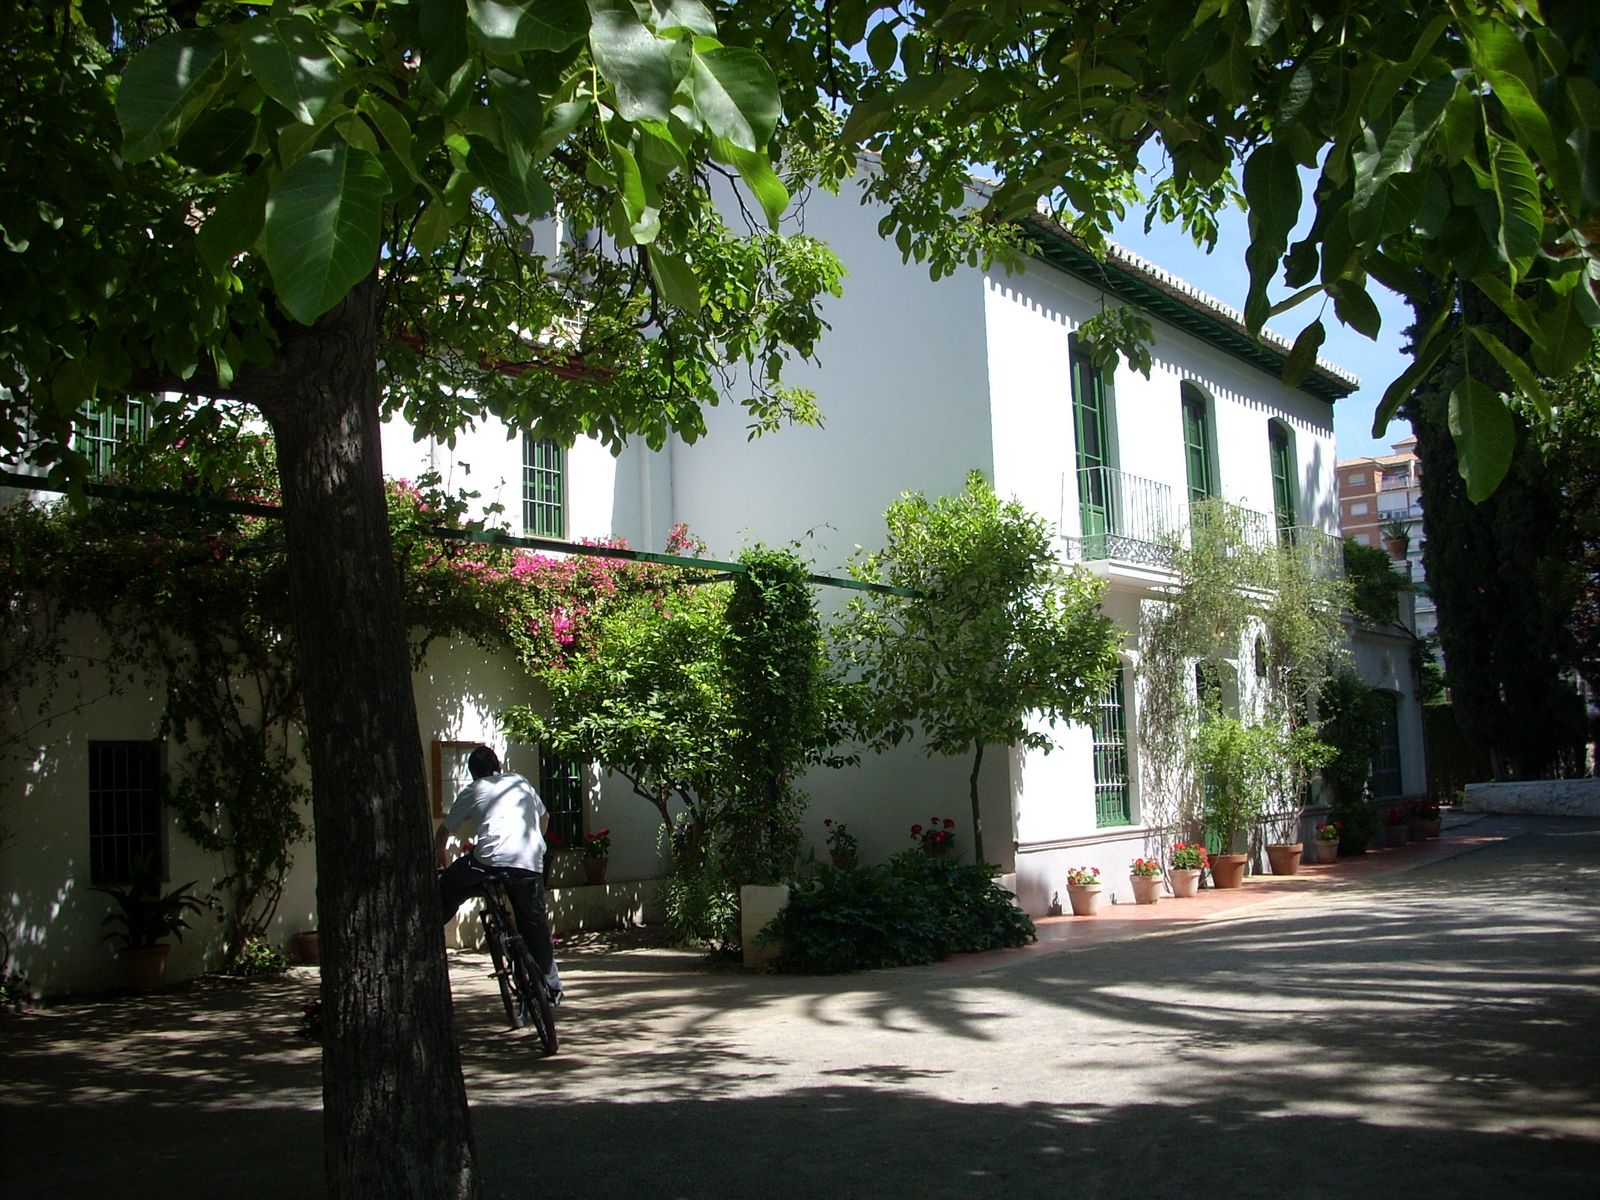 Huerta De San Vicente Muebles Dise Os Arquitect Nicos Mimasku Com # Federico Muebles